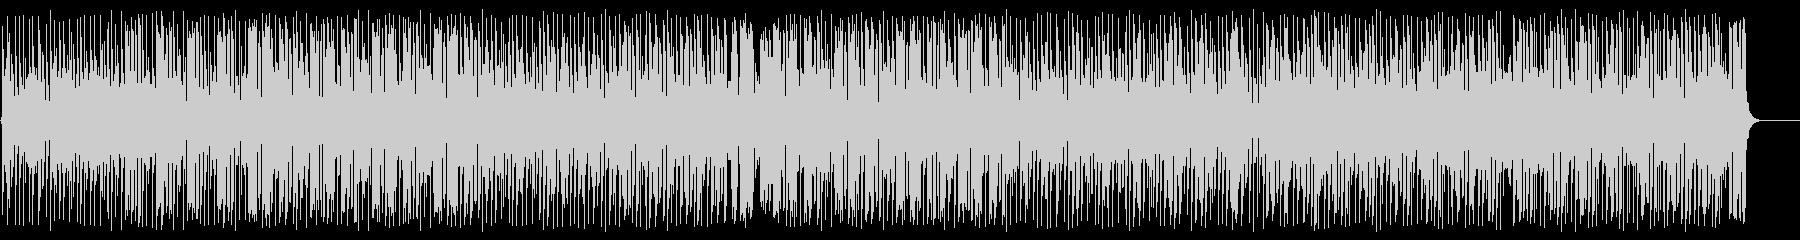 トロピカルでリズミカルな南国曲の未再生の波形